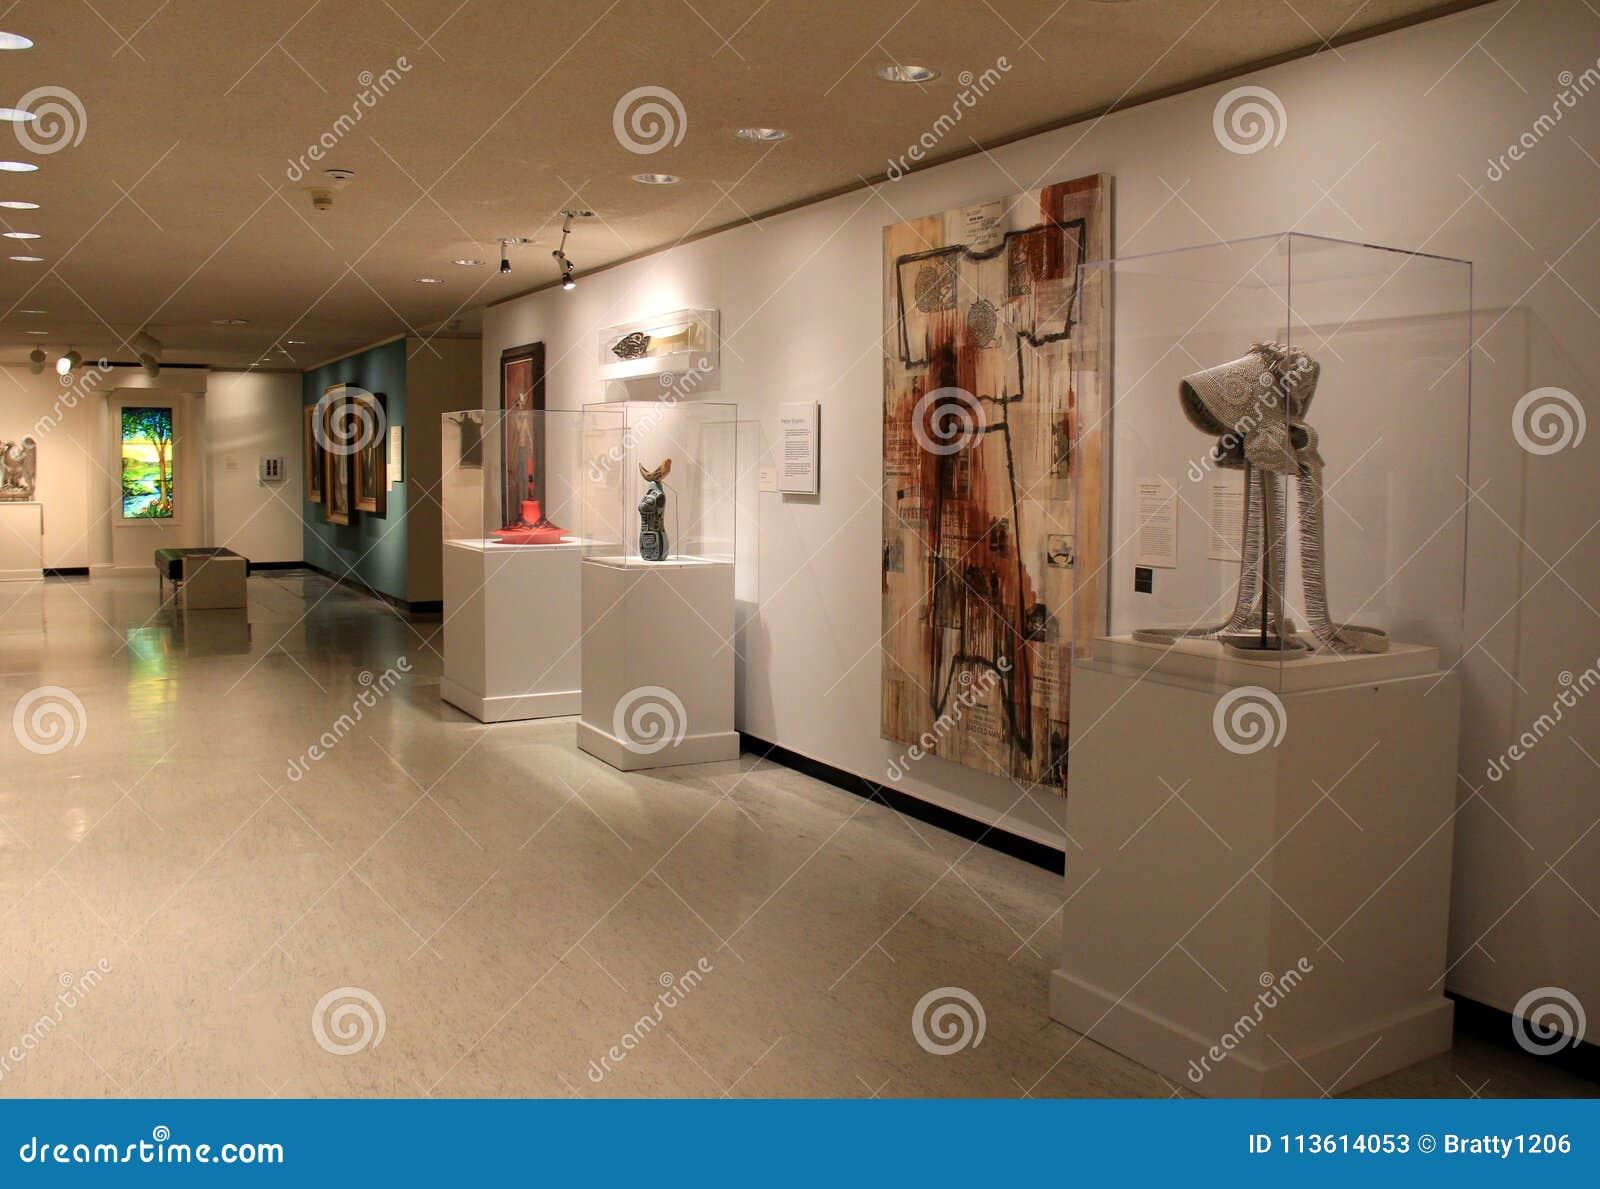 Les salles et les couloirs ont rempli d art et de sculpture, Art Gallery commémoratif, Rochester, New York, 2017